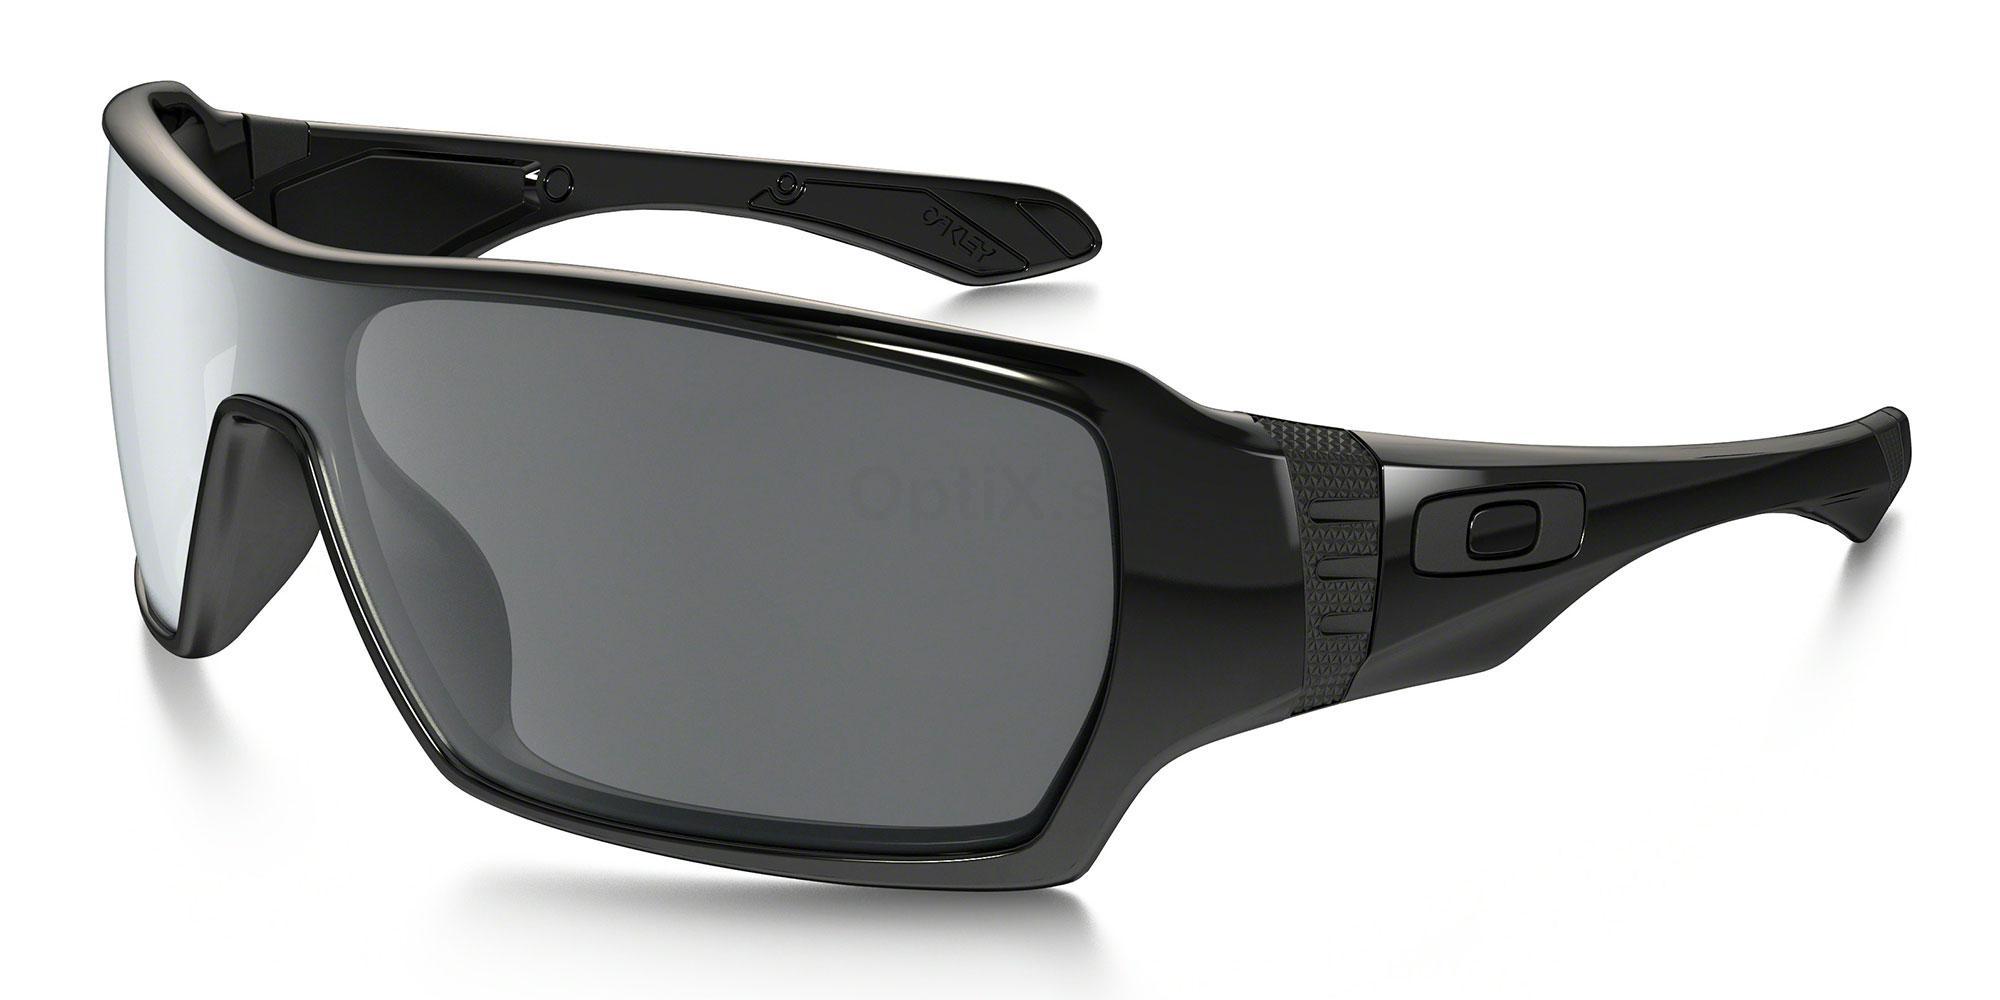 919003 OO9190 OFFSHOOT (Standard) , Oakley